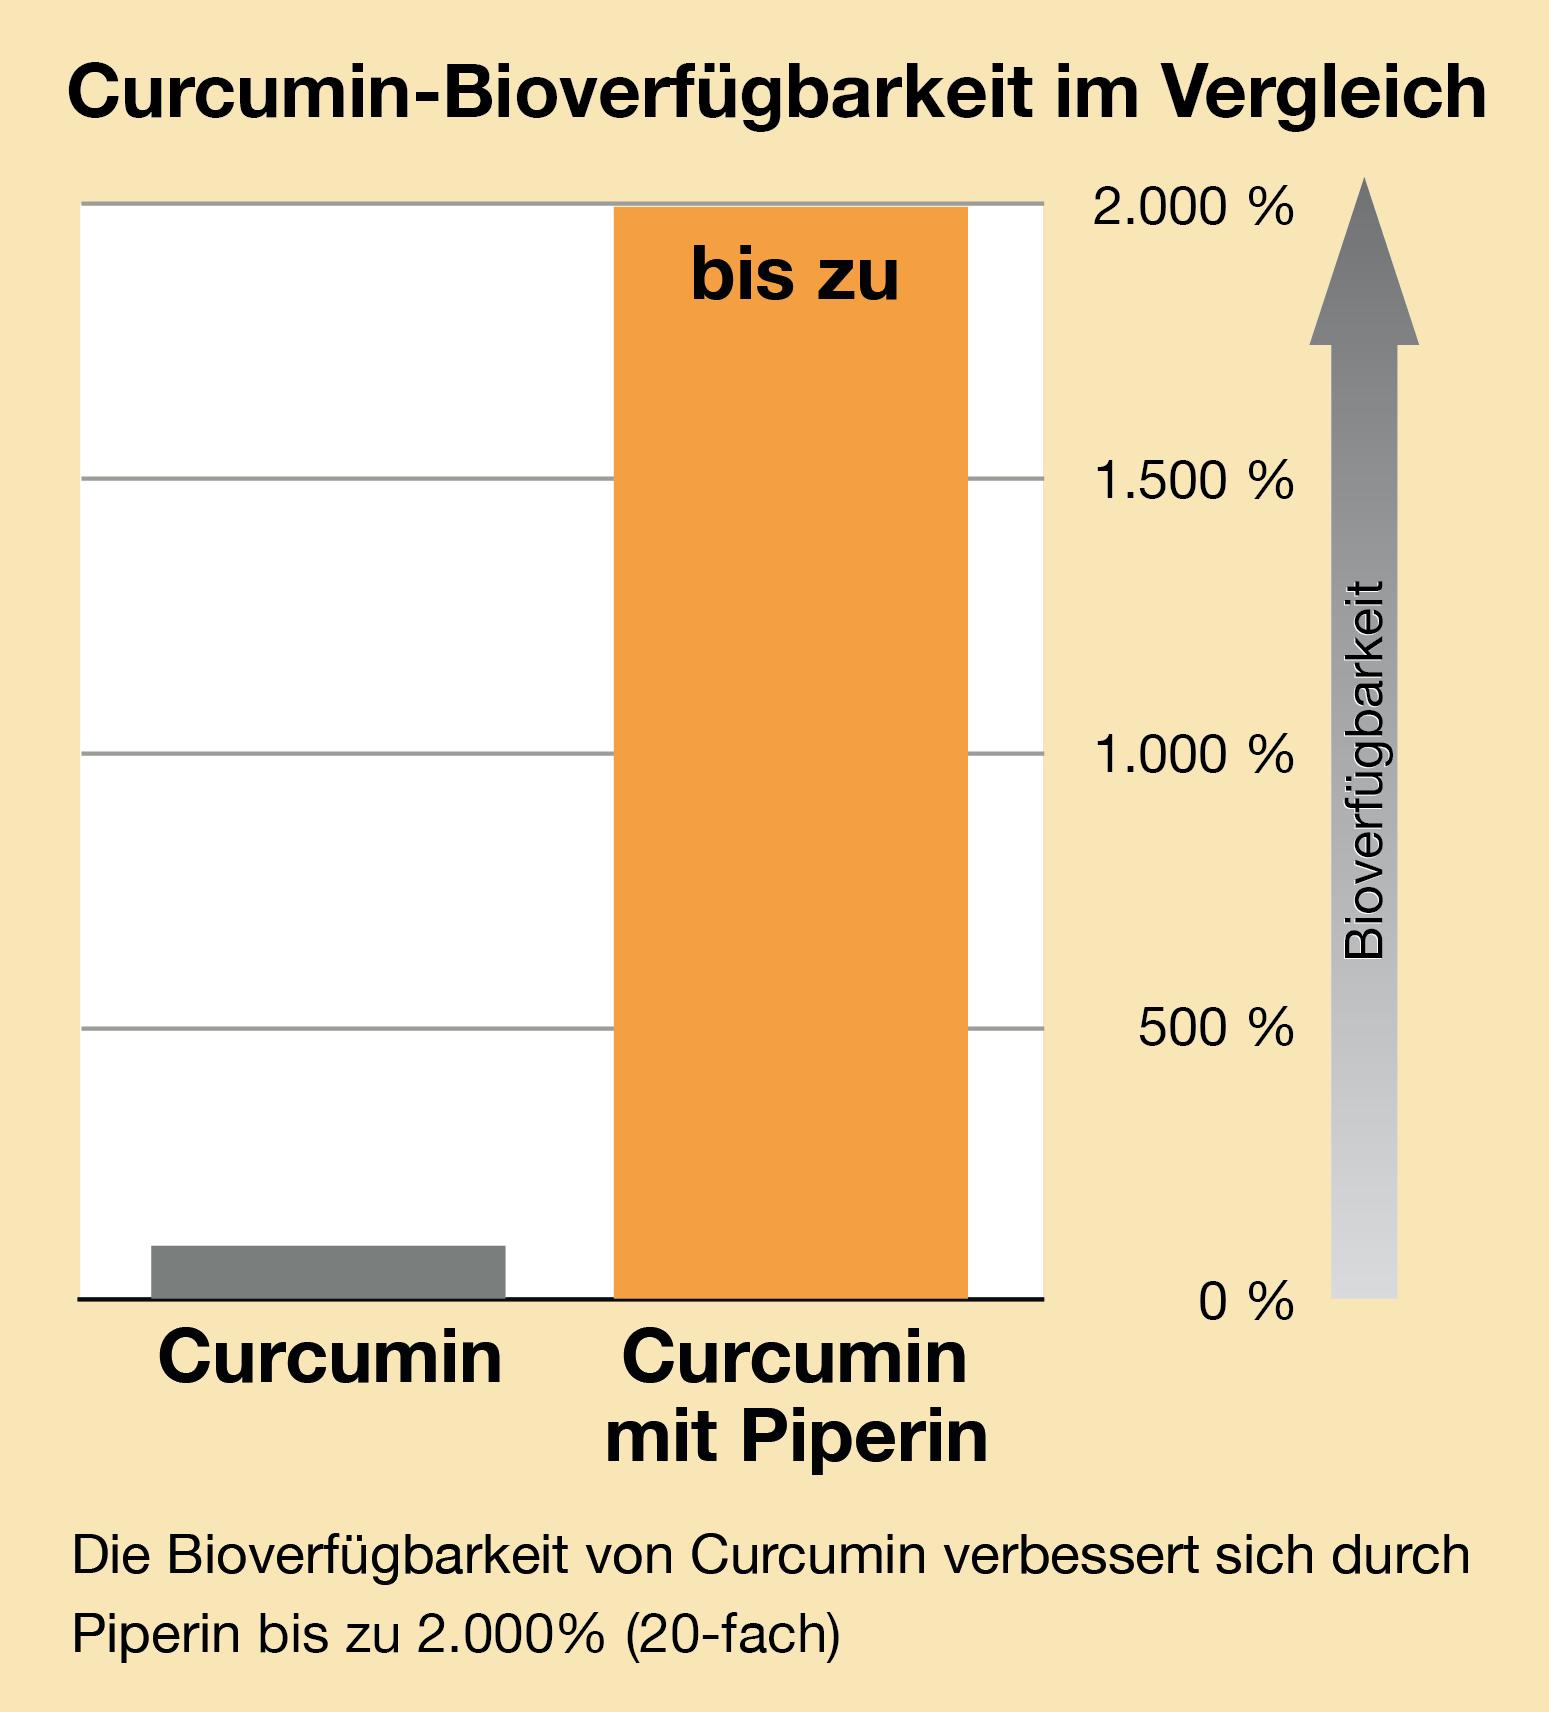 curcumim-vergleich-1